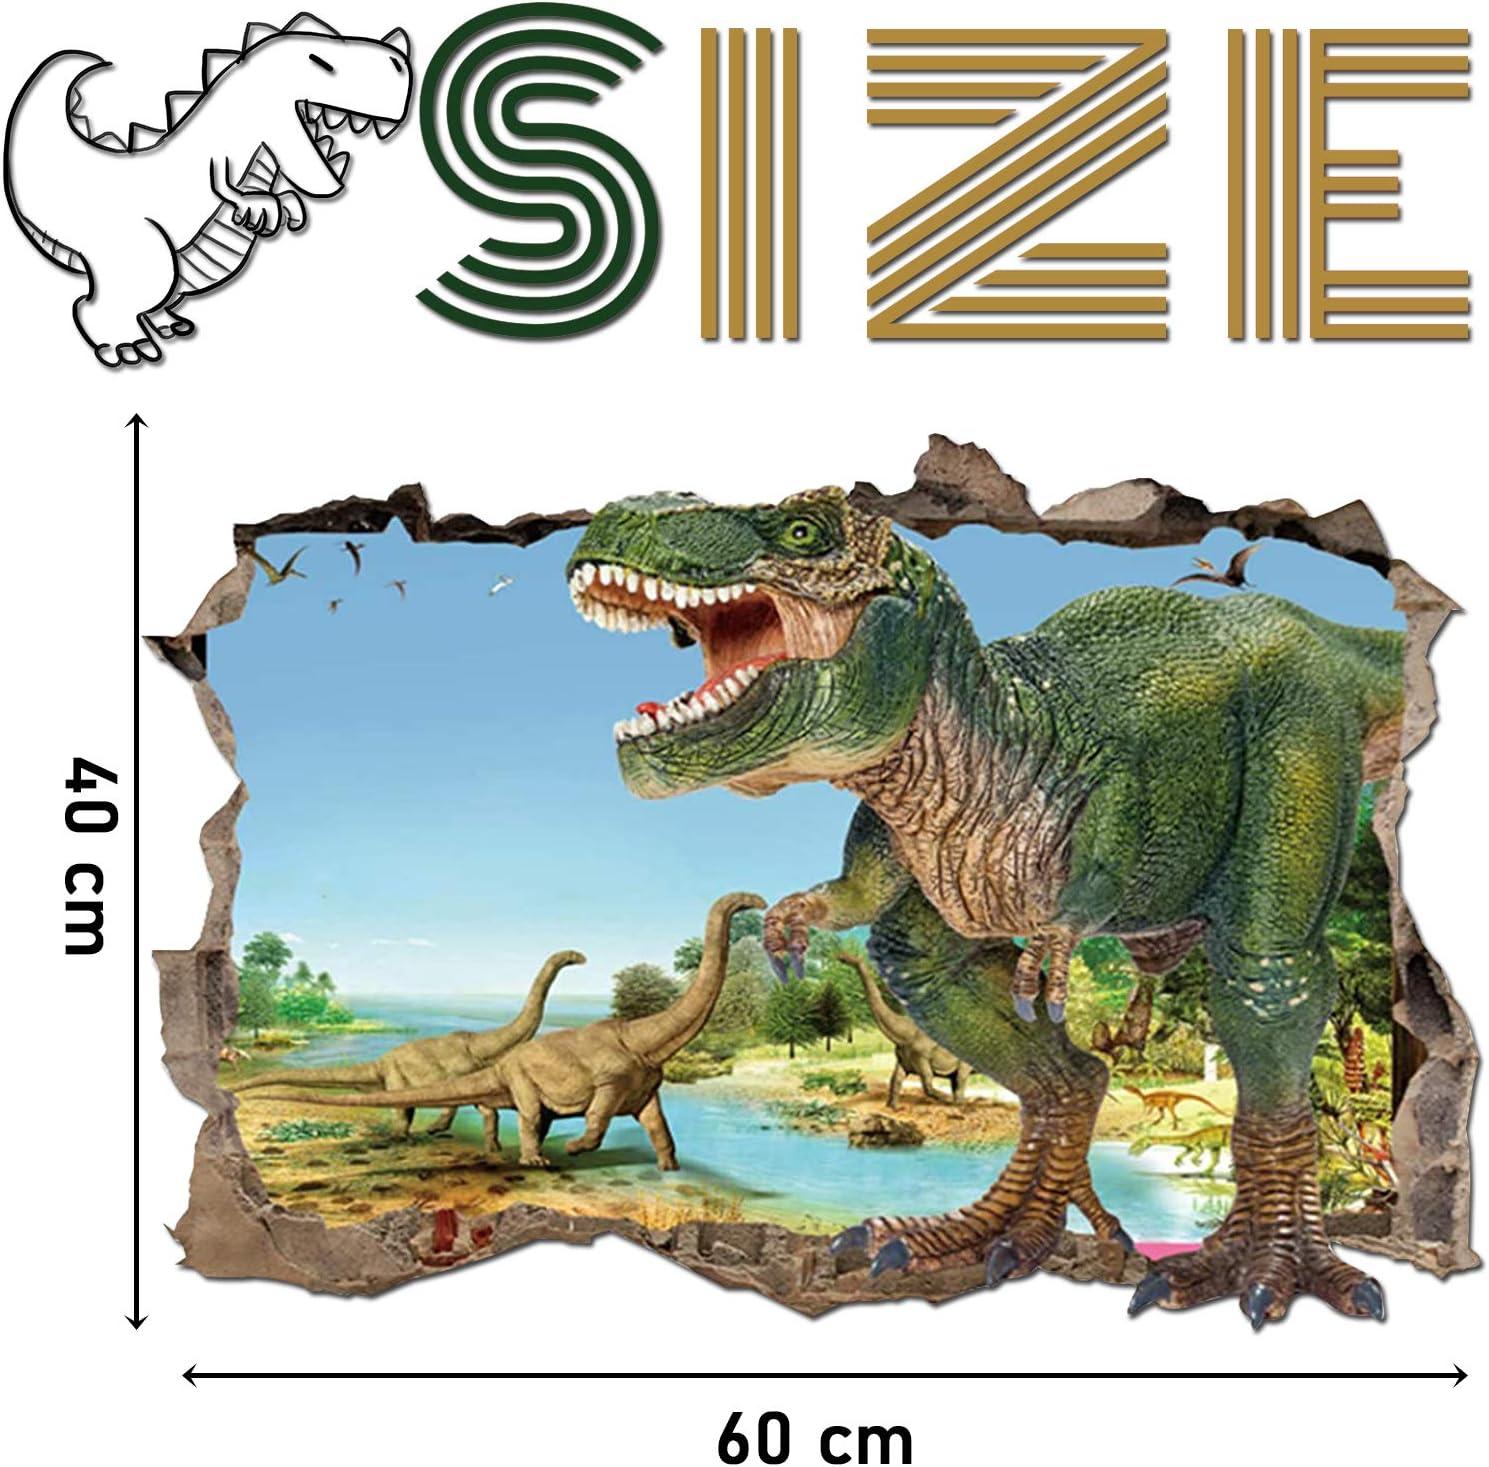 para Infantiles Habitaci/ón Sal/ón Dormitorio B Vinilos Dinosaurios Agrietada Calcoman/ías de Pared Adhesivos de Pared de Dinosaurio 3D Muros Rotos Pegatinas de Pared Dinosaurio